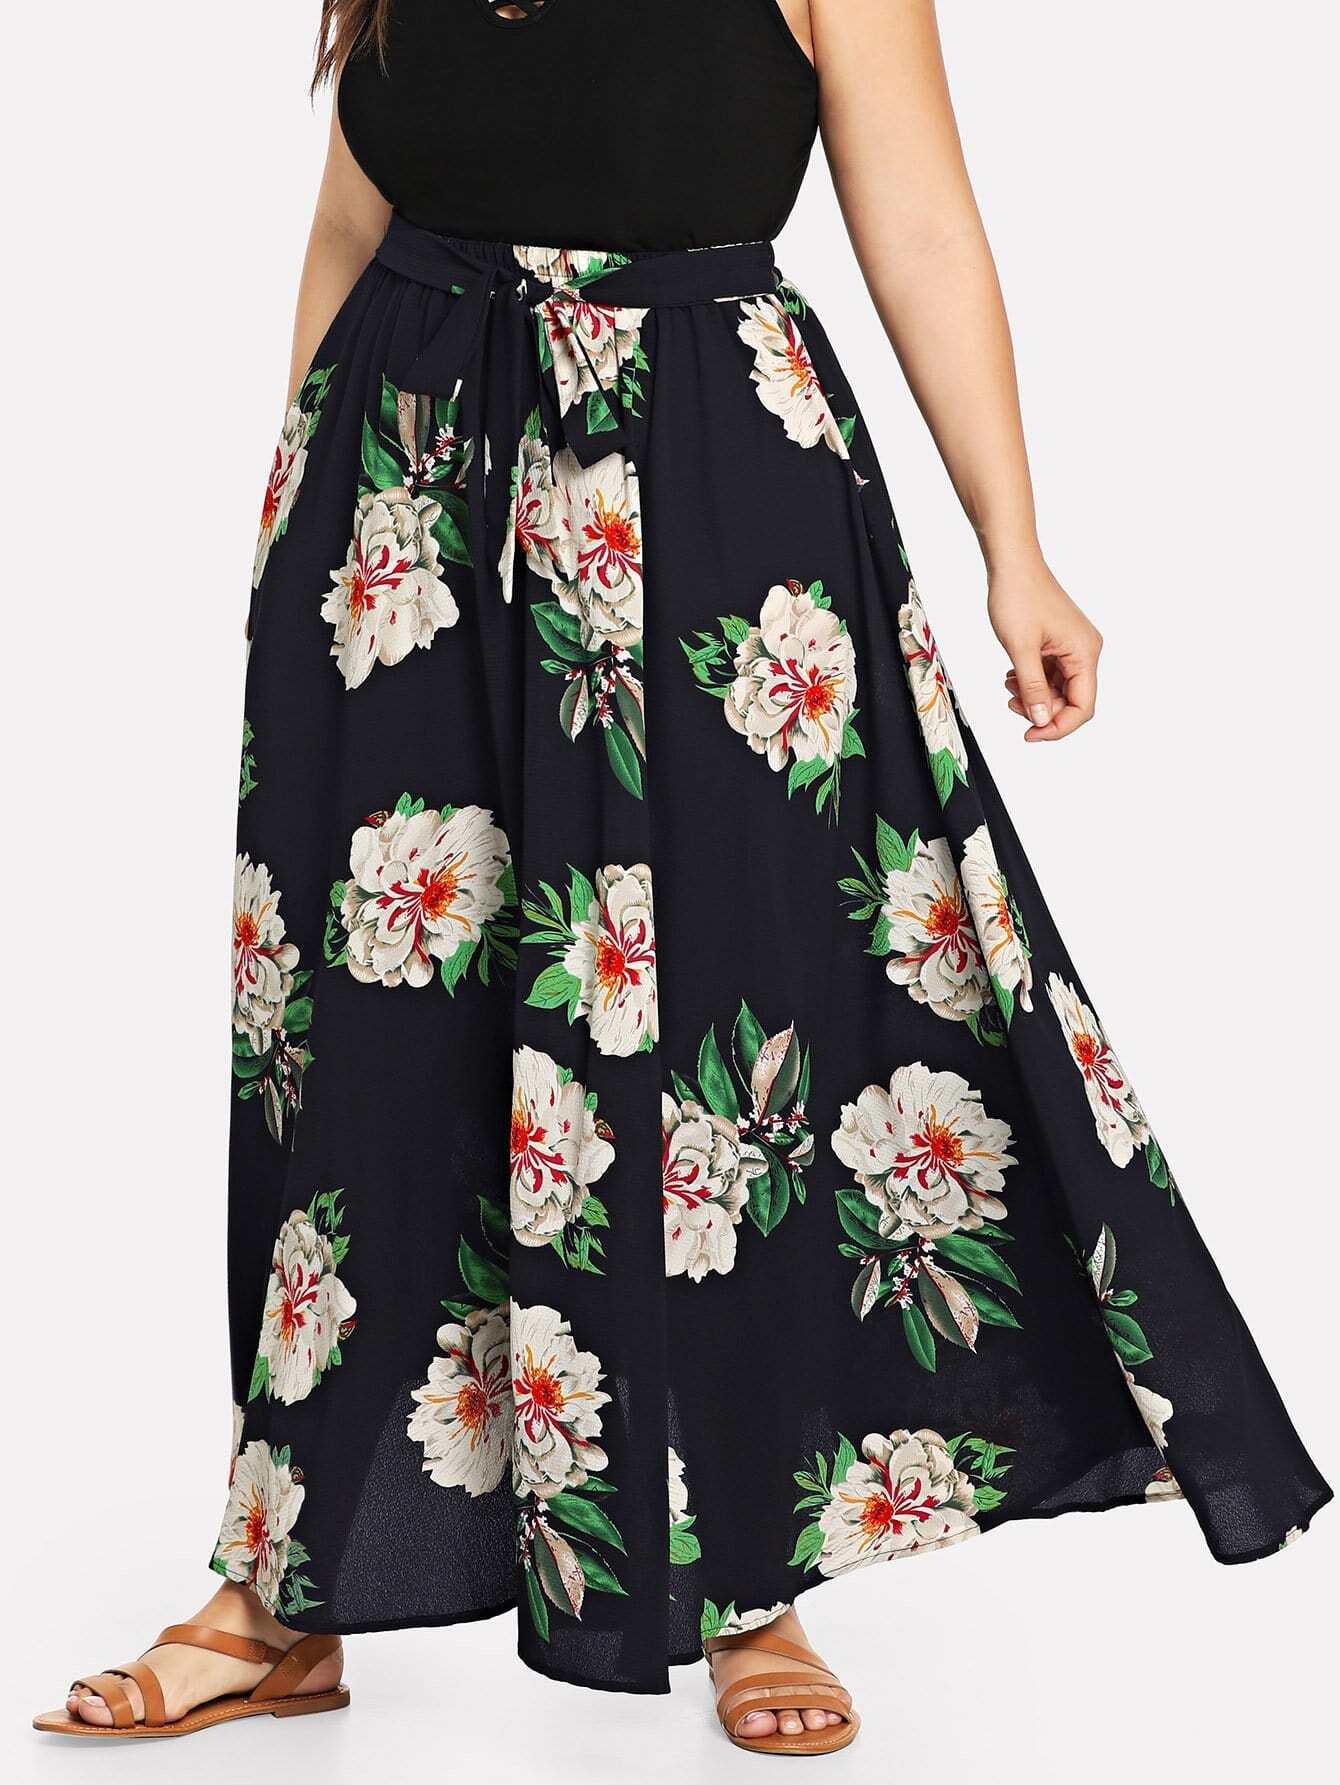 Купить Полосатая полосатая полосатая юбка, Franziska, SheIn